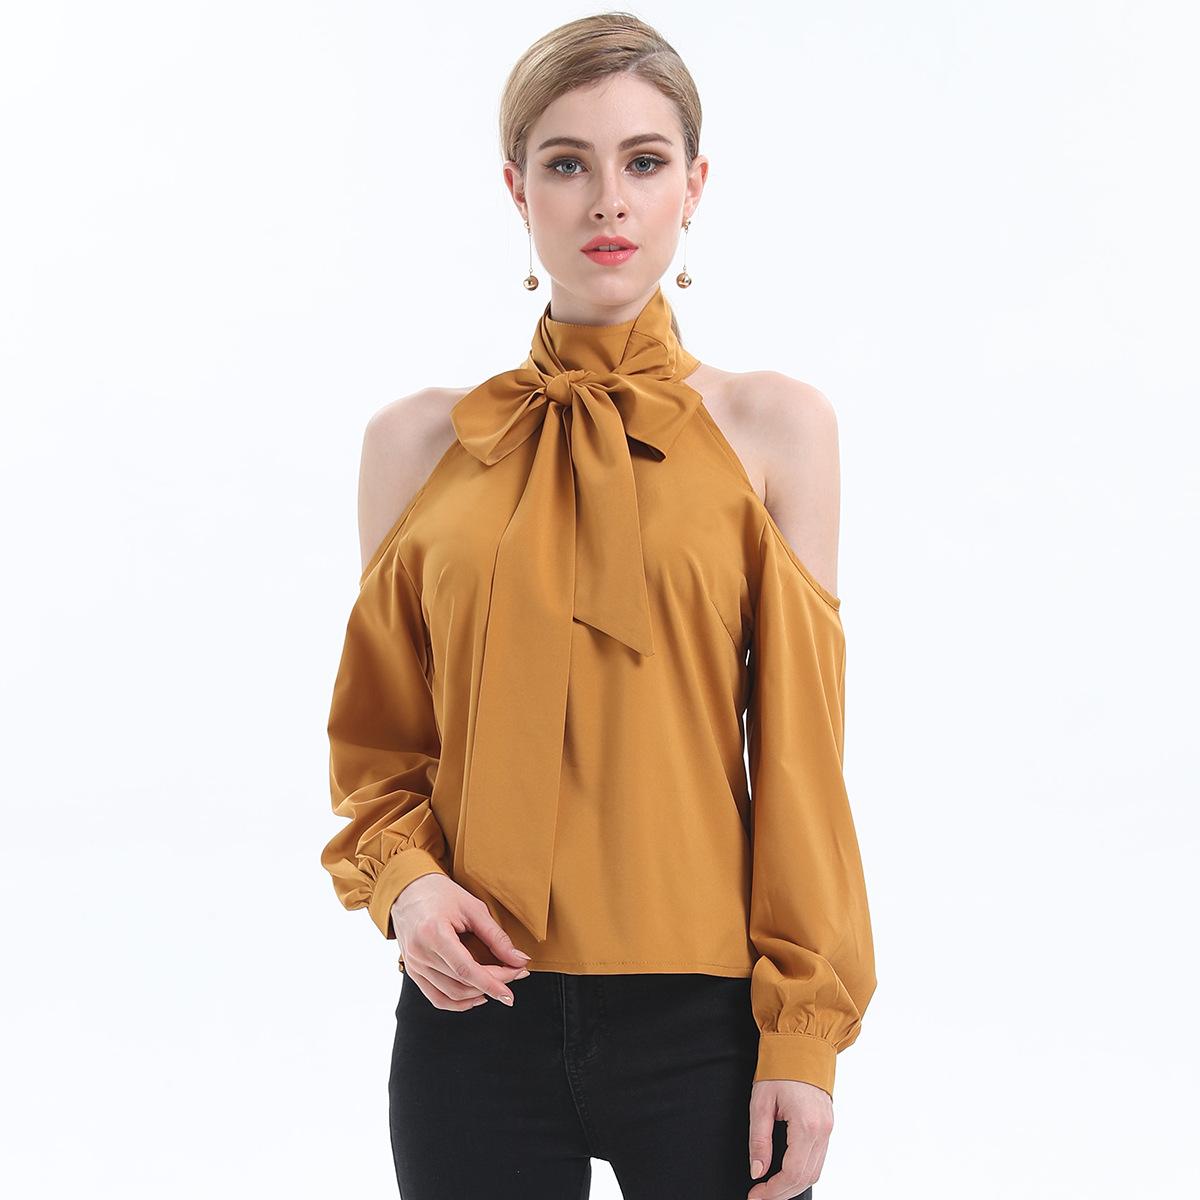 跨境女裝代理2020新款歐洲站夏季時尚性感露肩長袖襯衫T恤JR3718